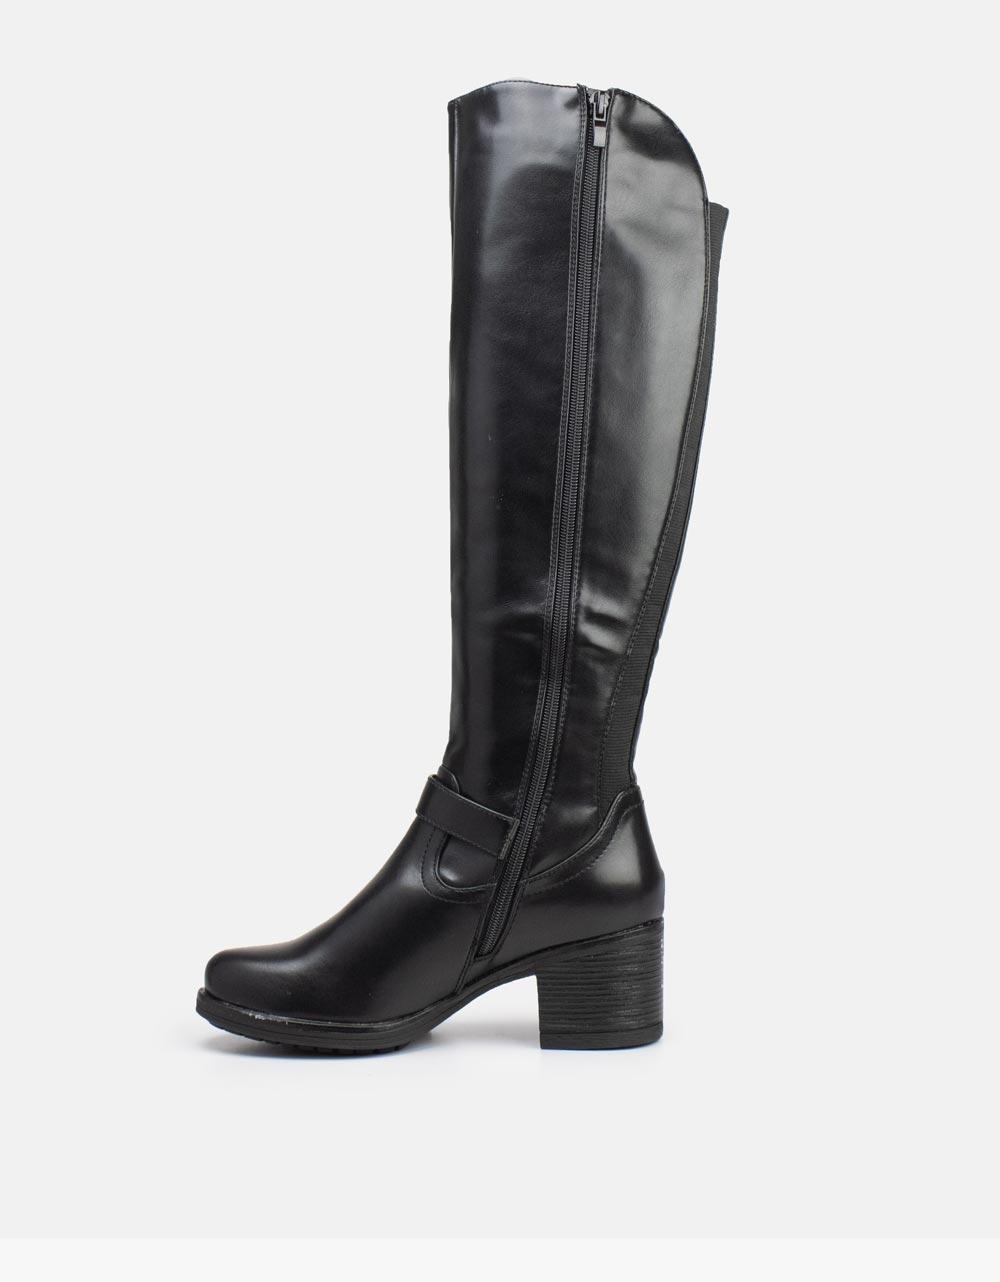 Εικόνα από Γυναικείες μπότες ελαστικές Μαύρο